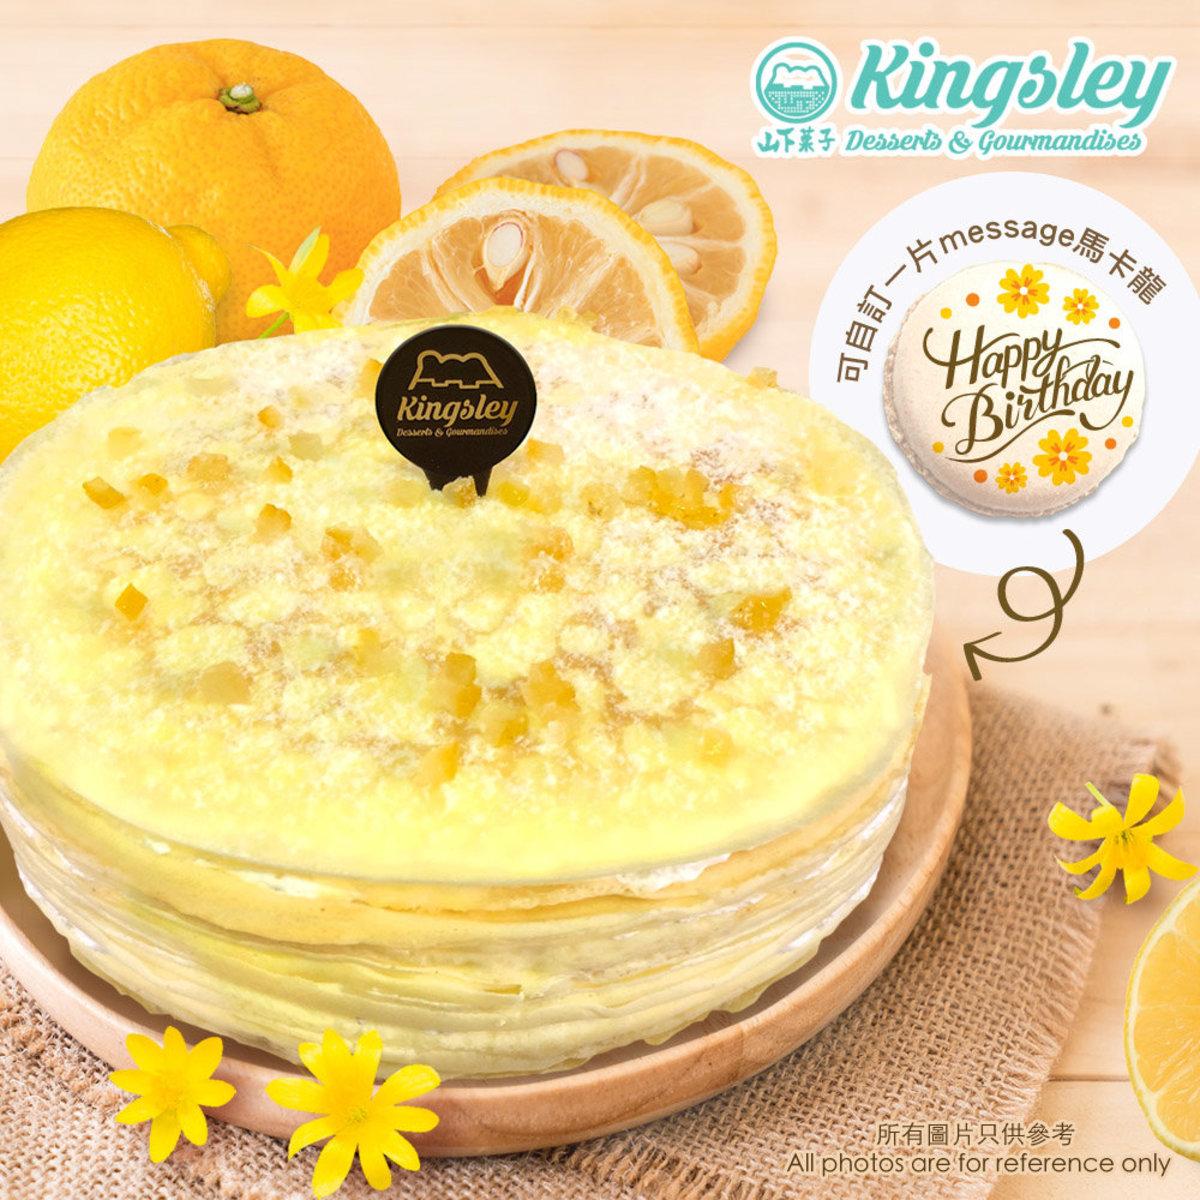 """1 Unit - Yuzu & Lemon Mille Crepe Cake (8"""" Whole Cake) w/ 1 Unit of Customized Macaron (Reserve 5 days in advance)"""